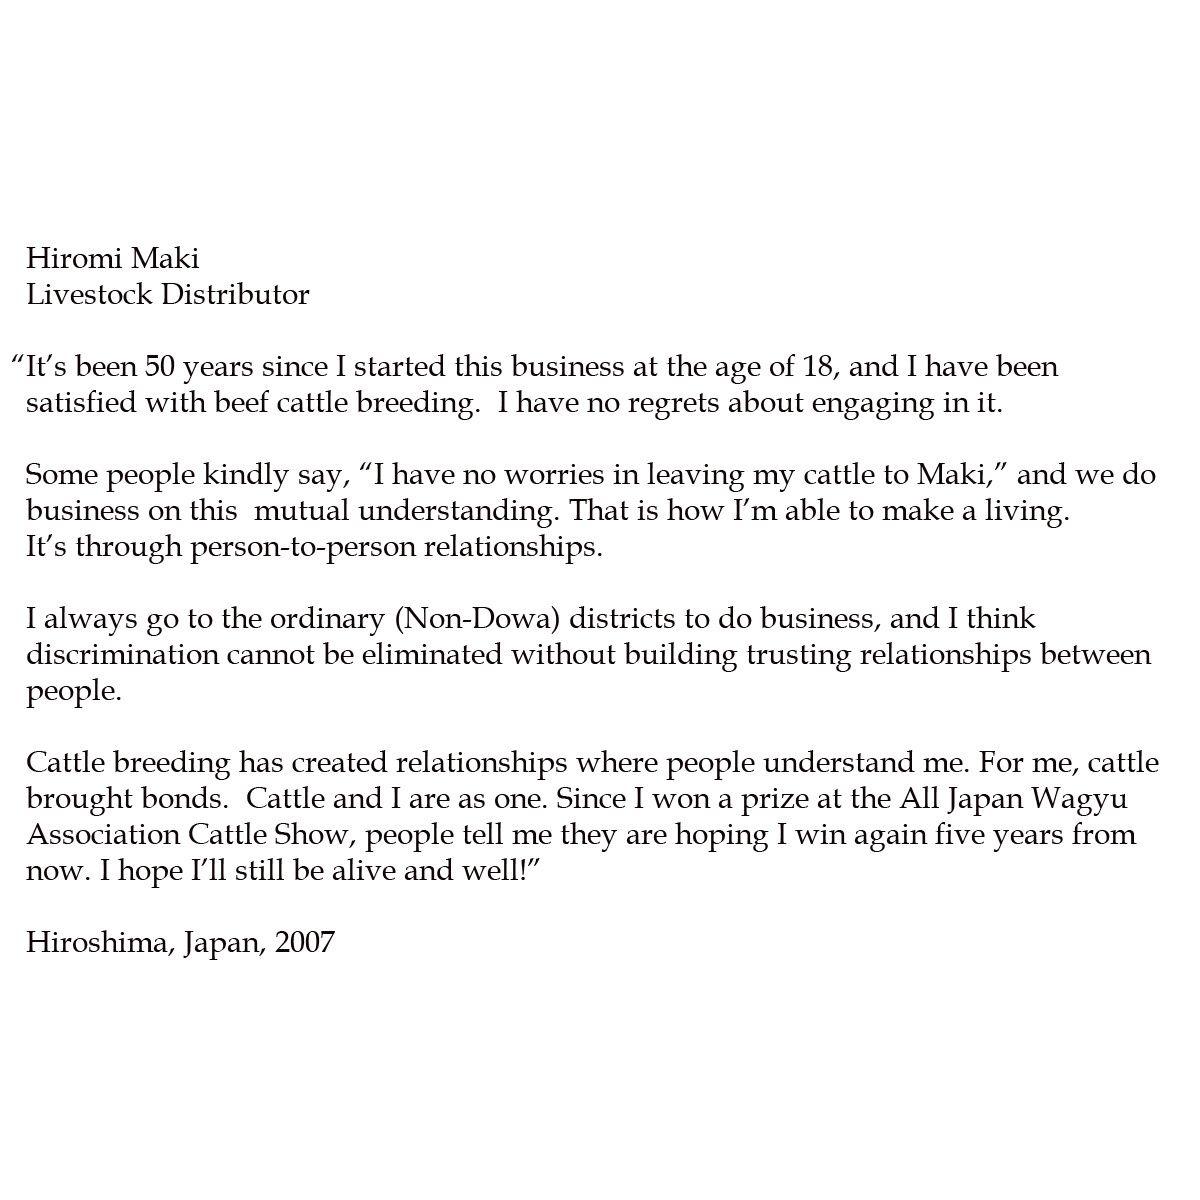 Hiromi Maki. Livestock Distributor.